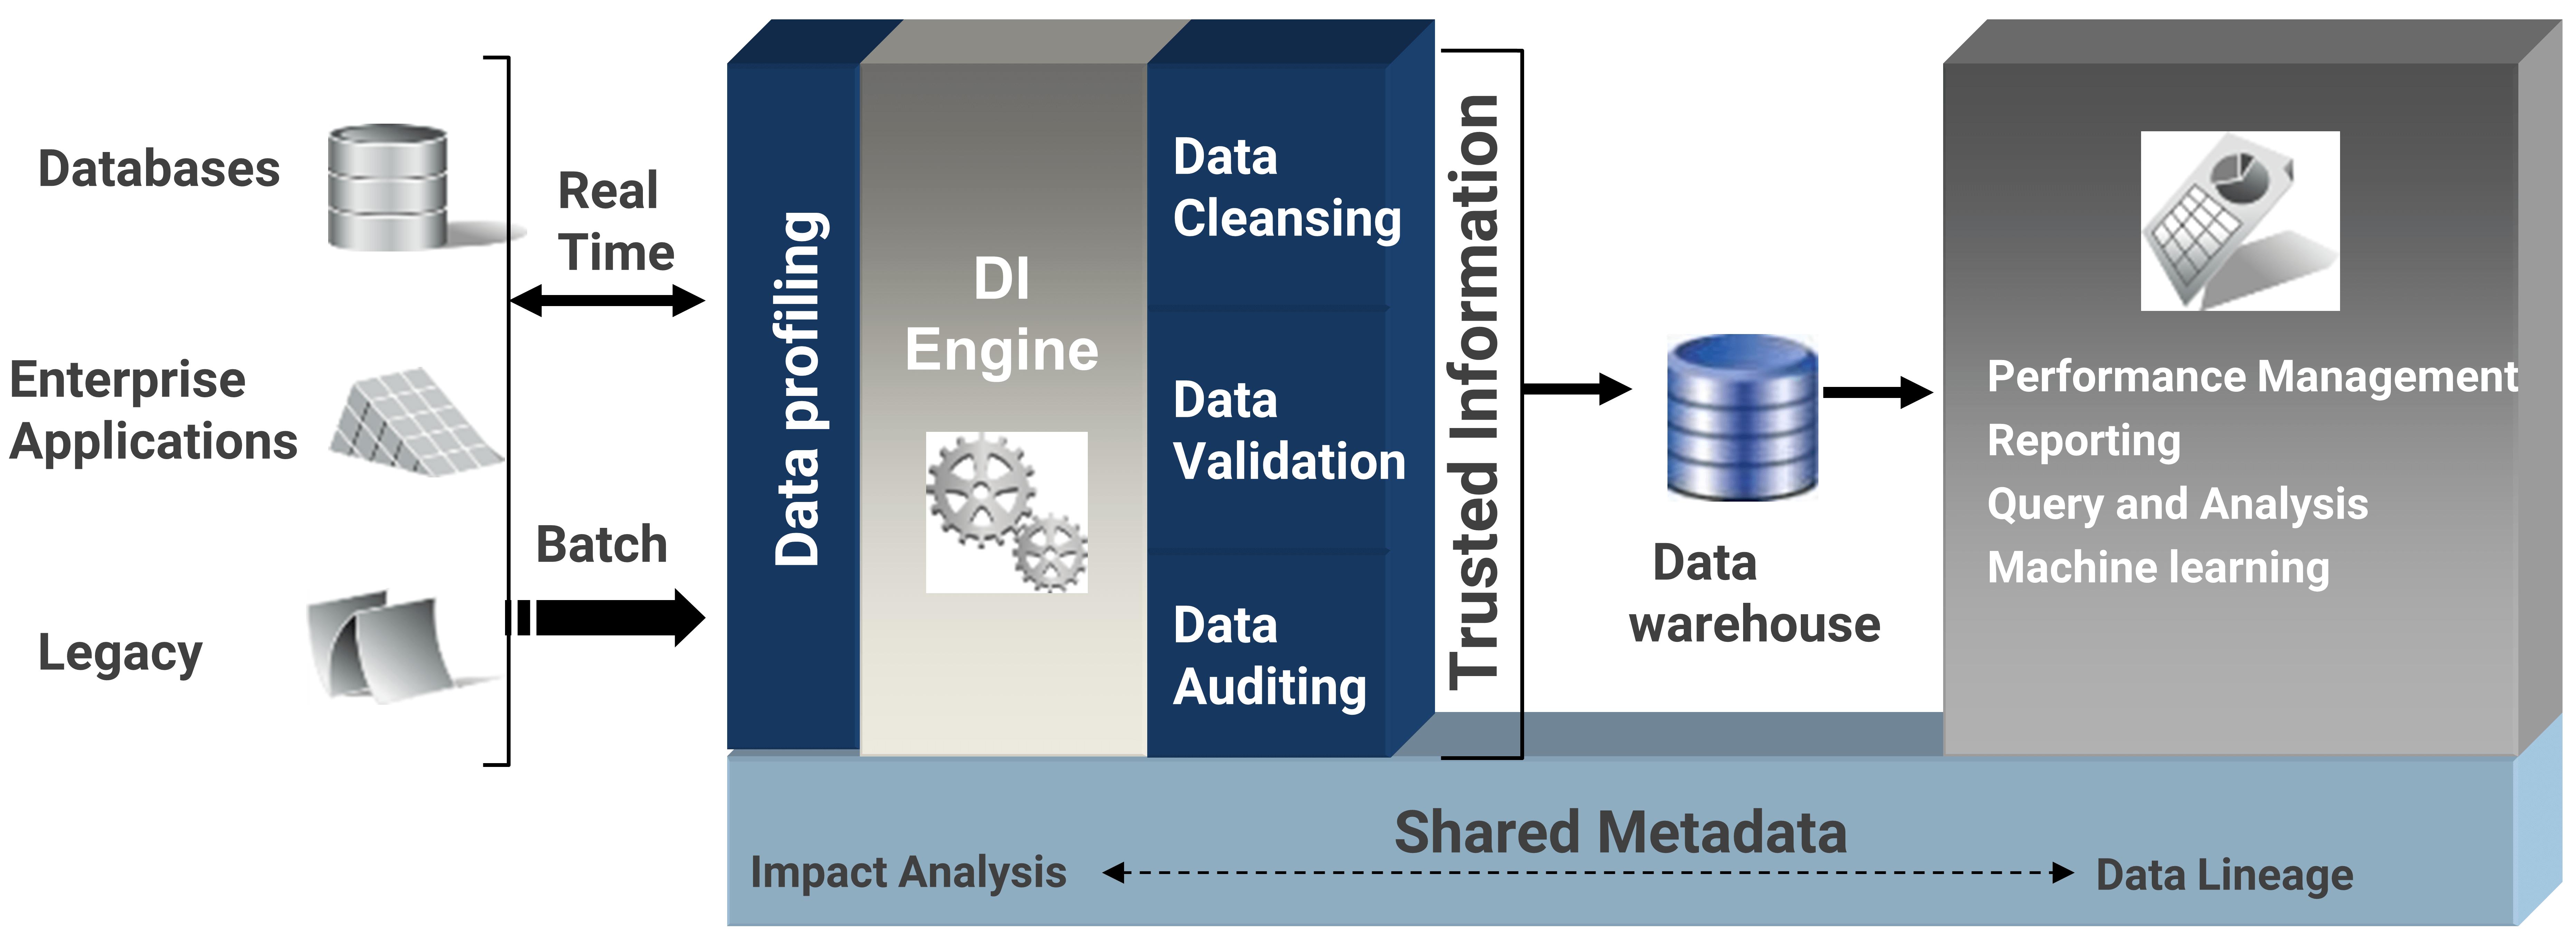 Data Integratie volgens SAP BusinessObjects